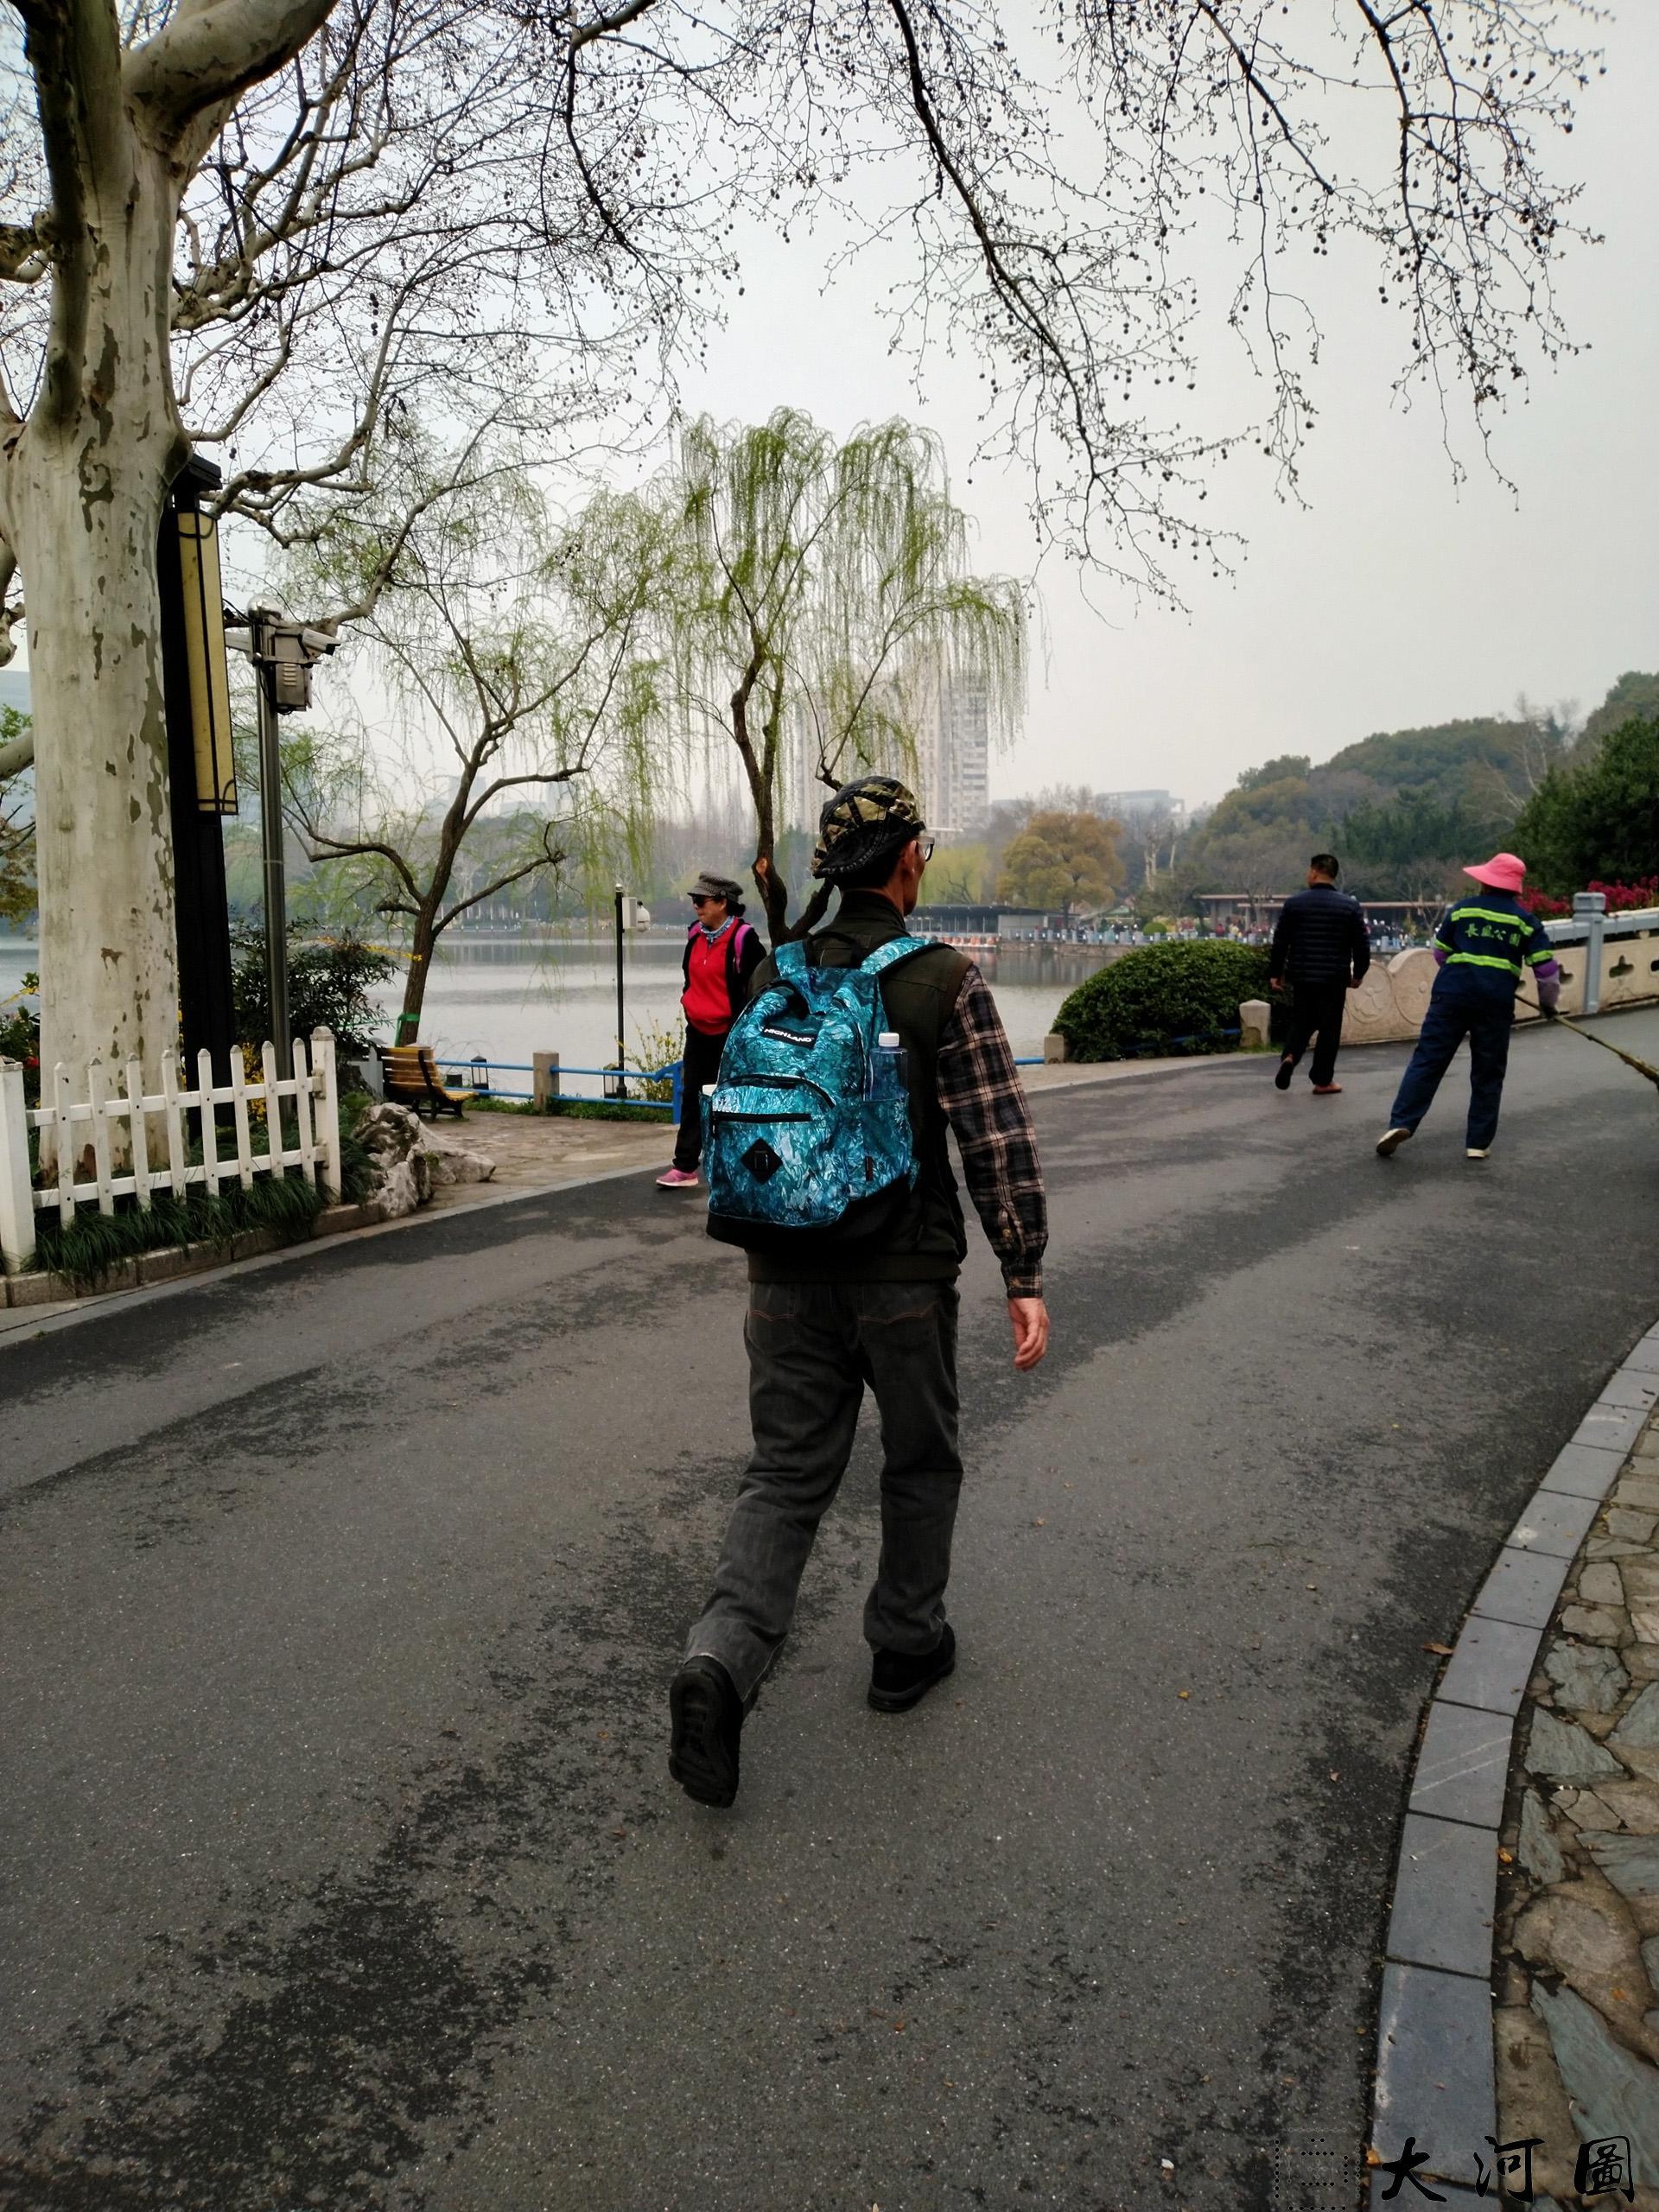 上海长风公园初春之景色幽暗灰沉 摄影 第20张